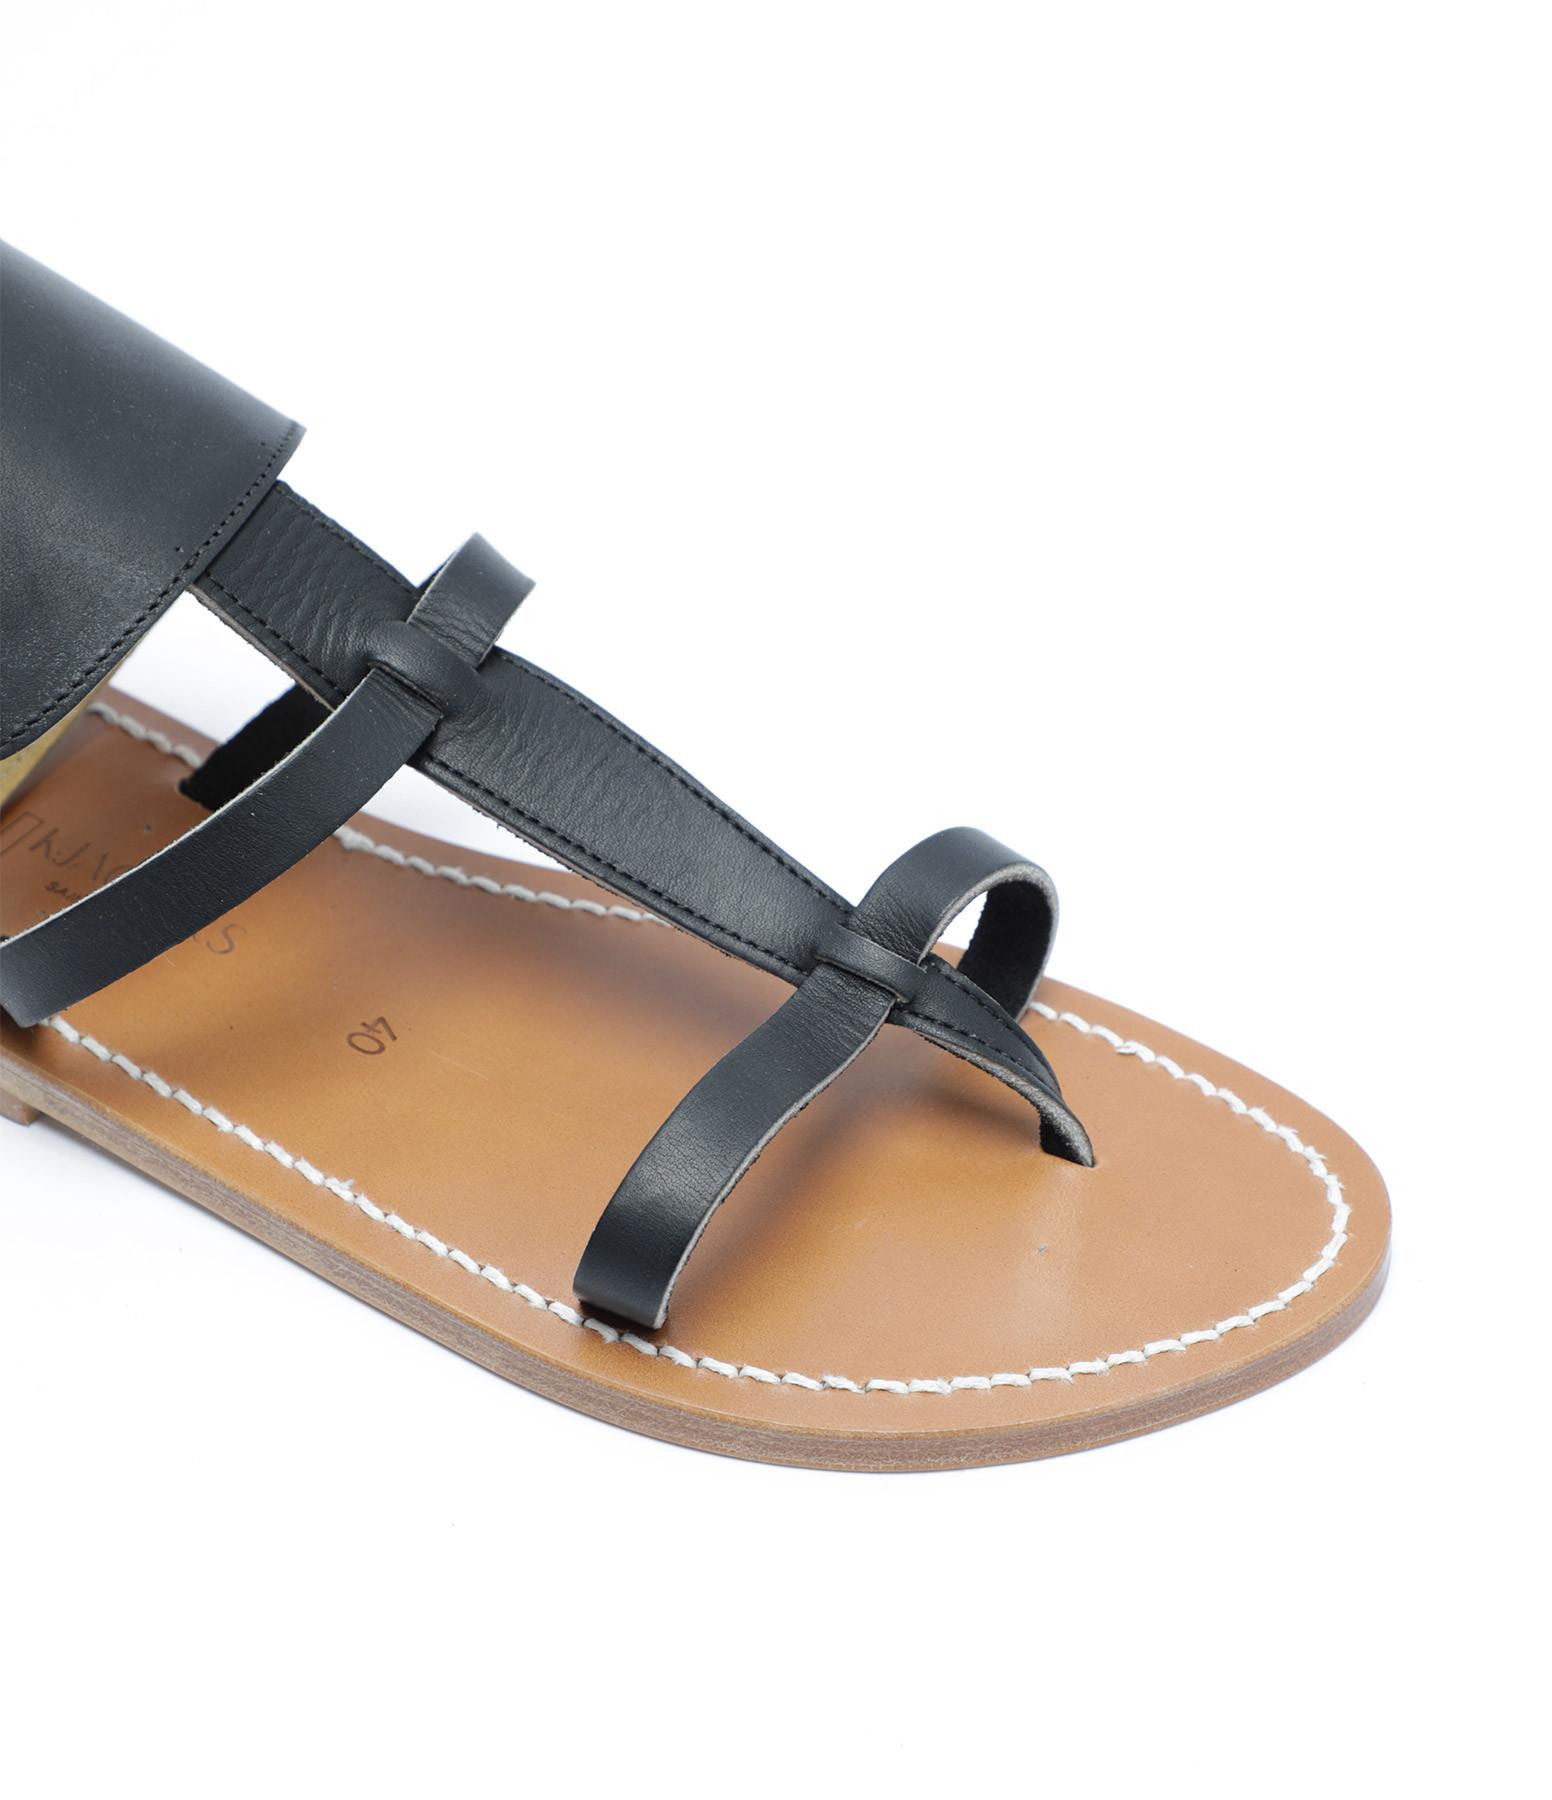 K JACQUES - Sandales Caravelle Cuir Pul Noir